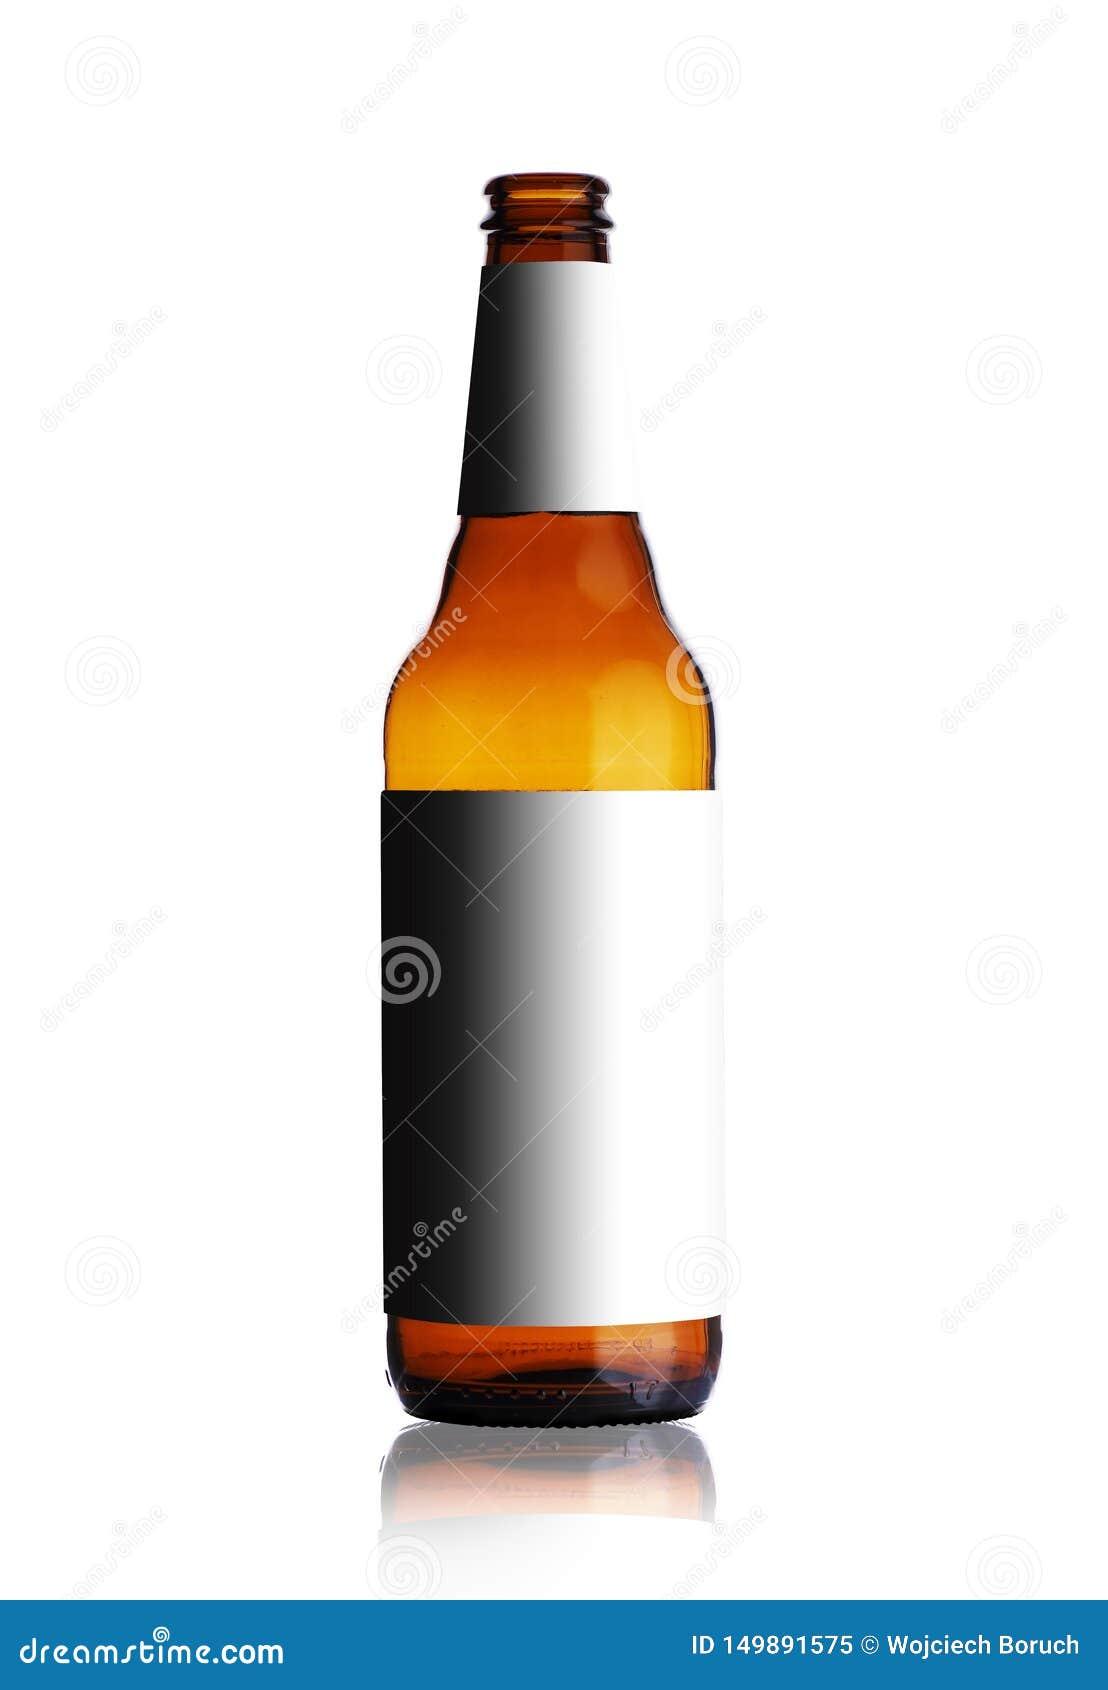 Pusta piwna butelka bez etykietek